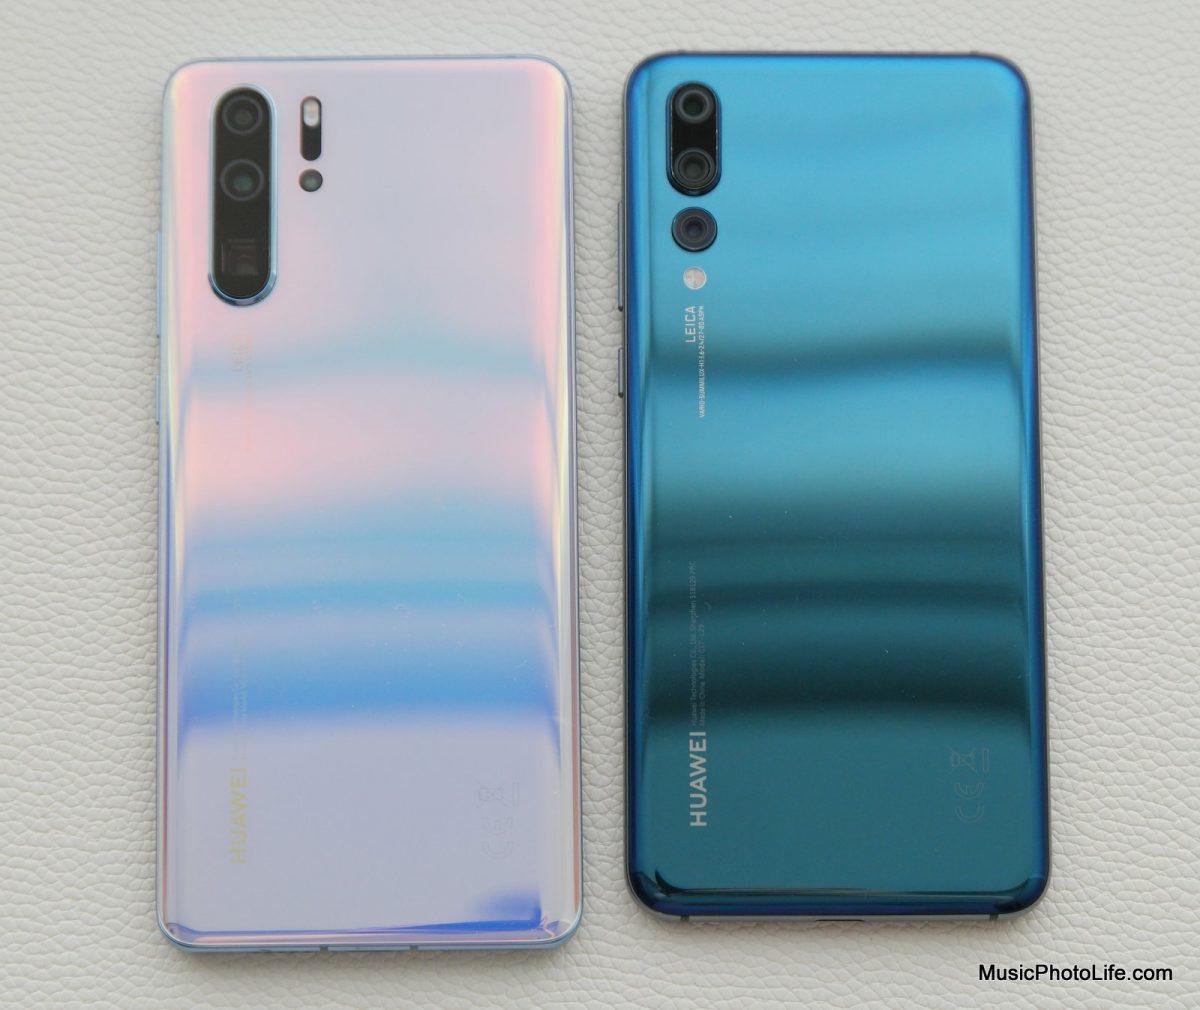 Huawei P30 Pro vs. P20 Pro